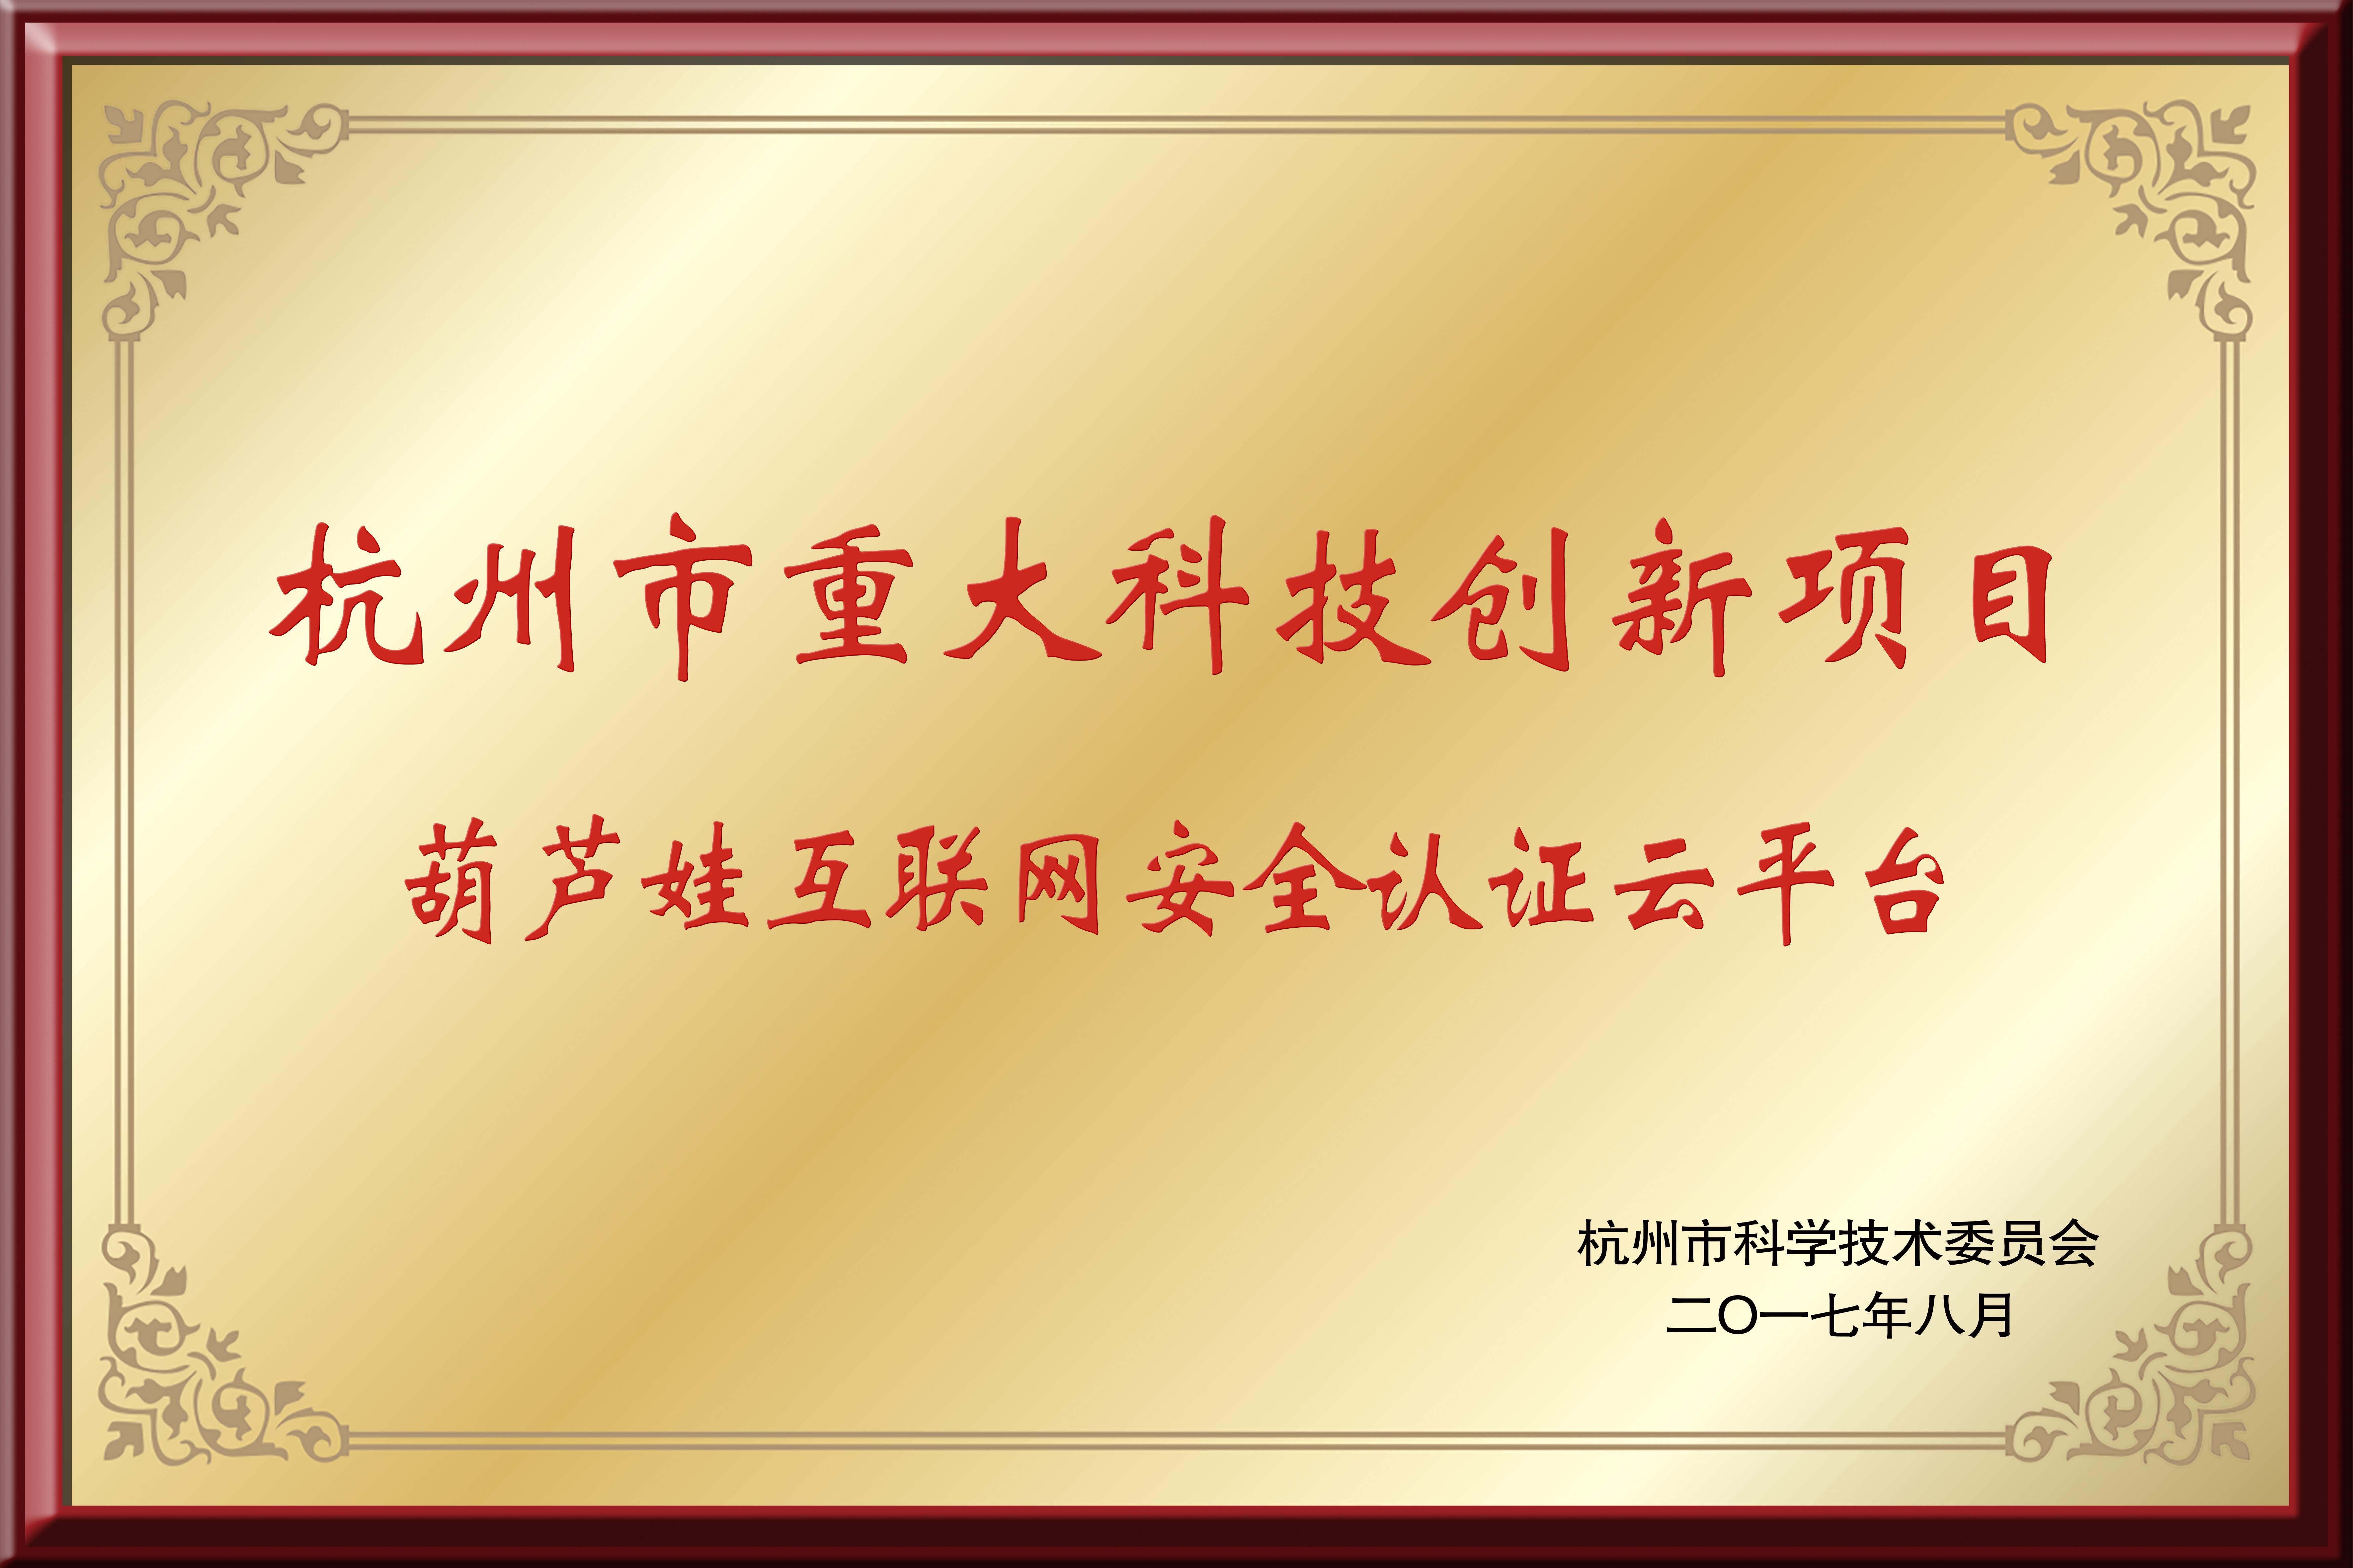 杭州市重大科技创新企业.jpg